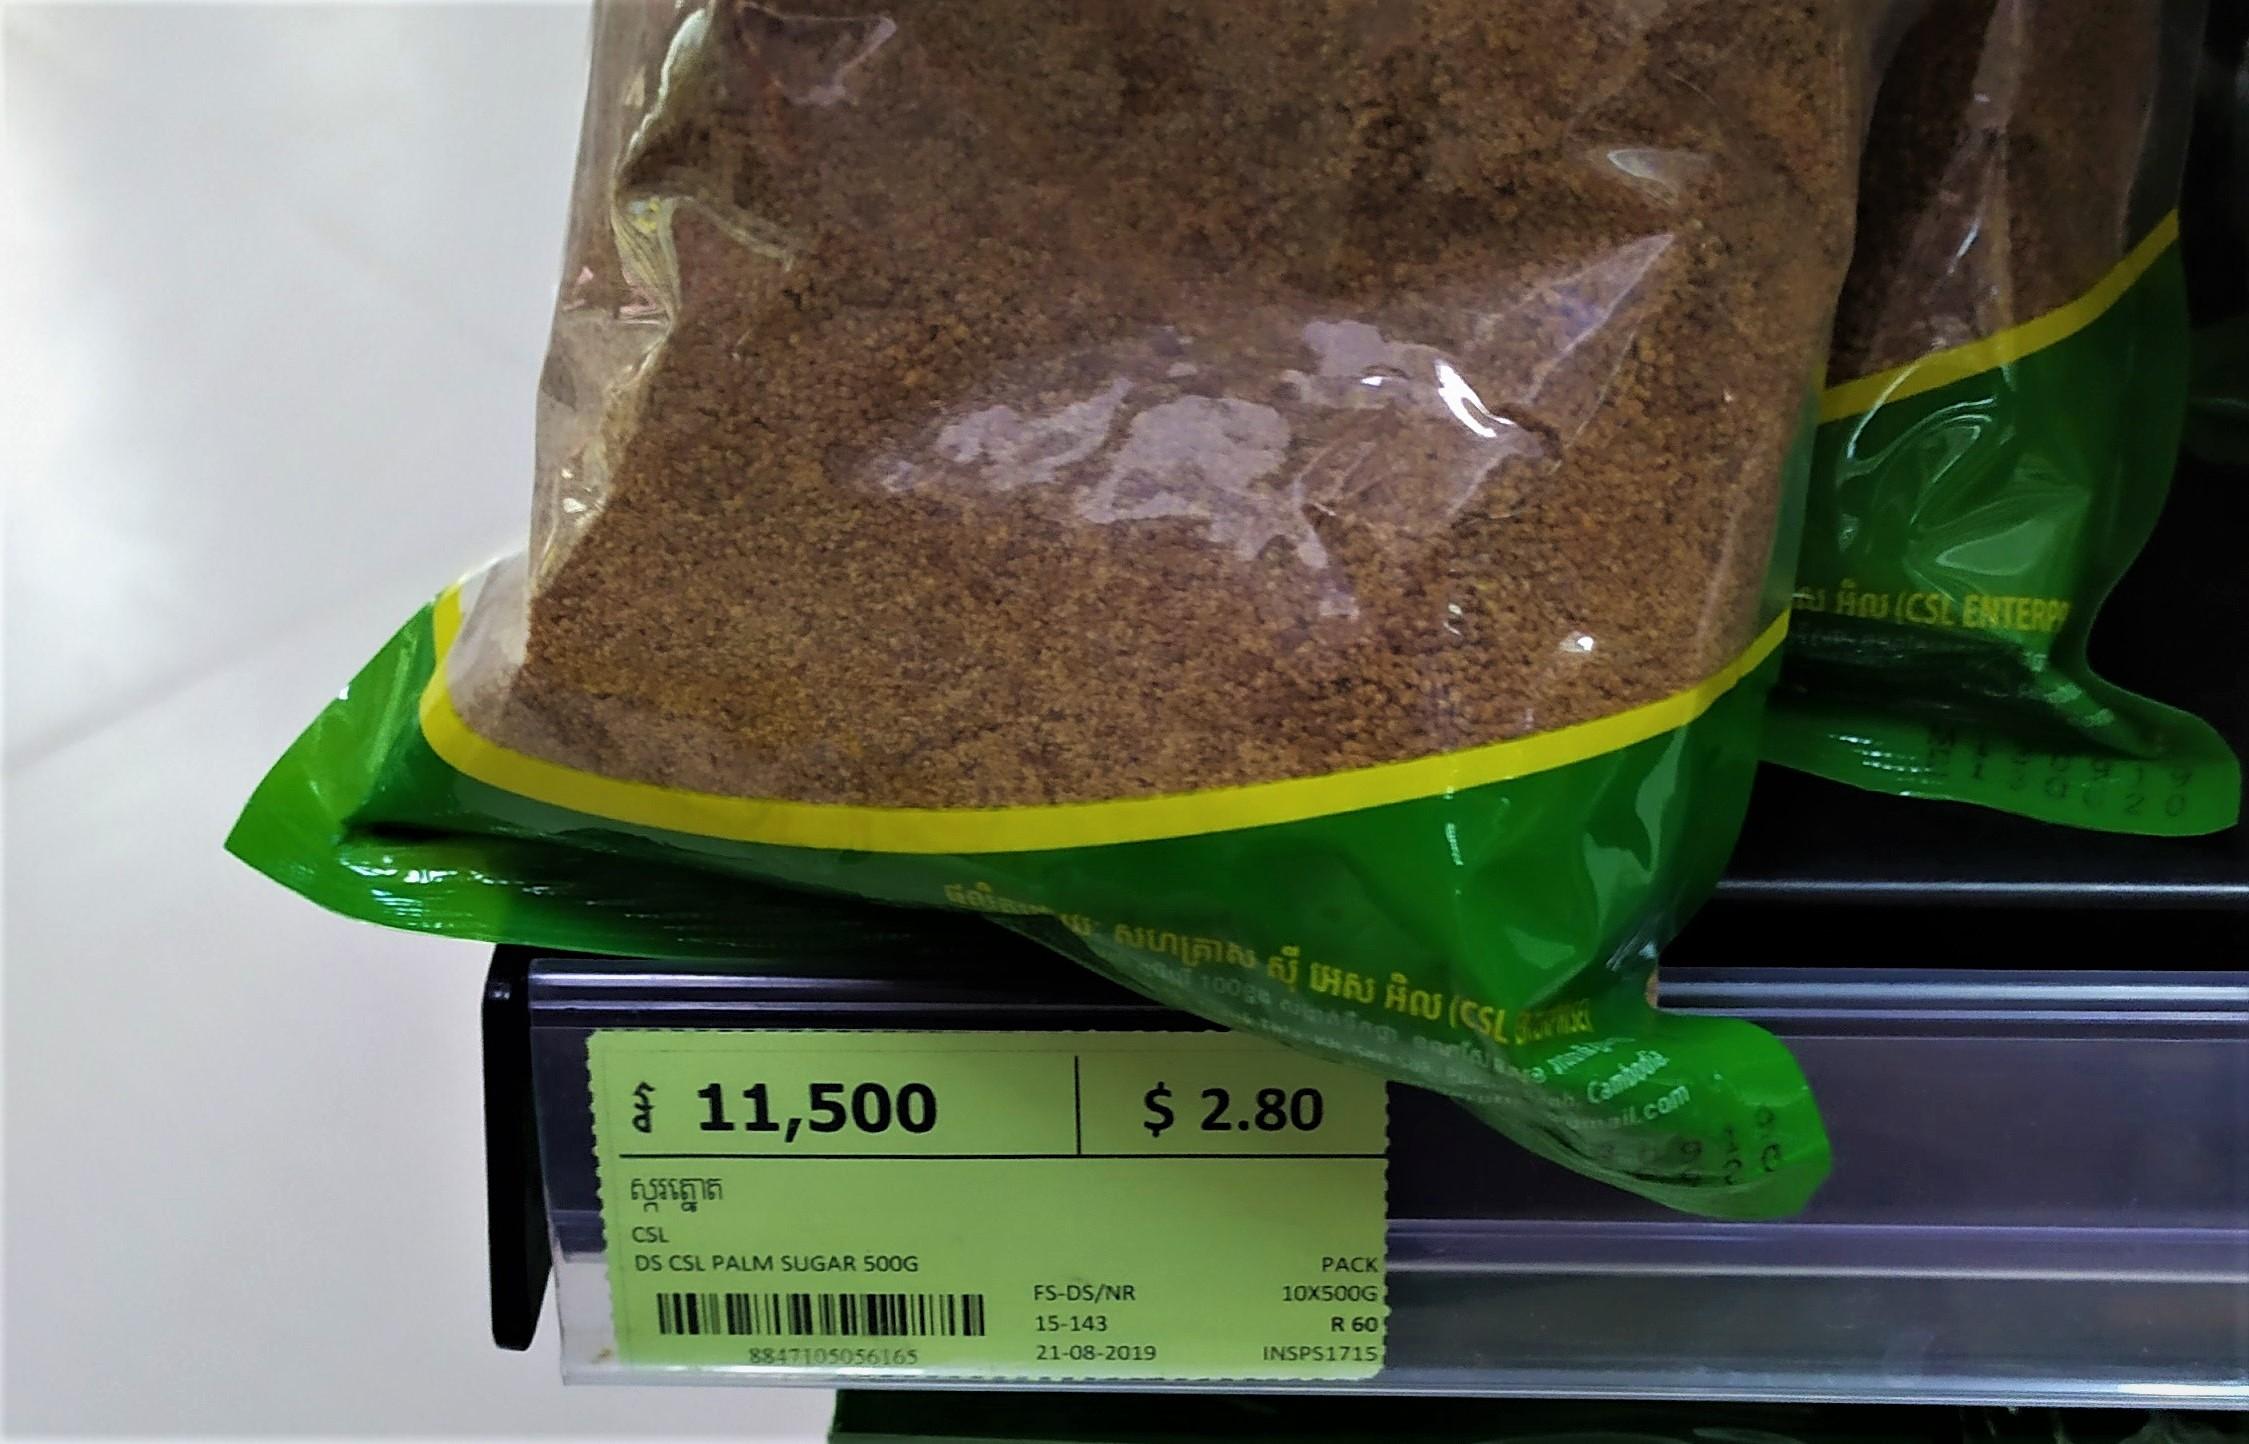 Неизменный атрибут кхмерской кулинарии – бурый сахар, добываемый из соцветий финиковой пальмы путем выпаривания карамельного сока. Не путайте его с банальным тростниковым сахаром!